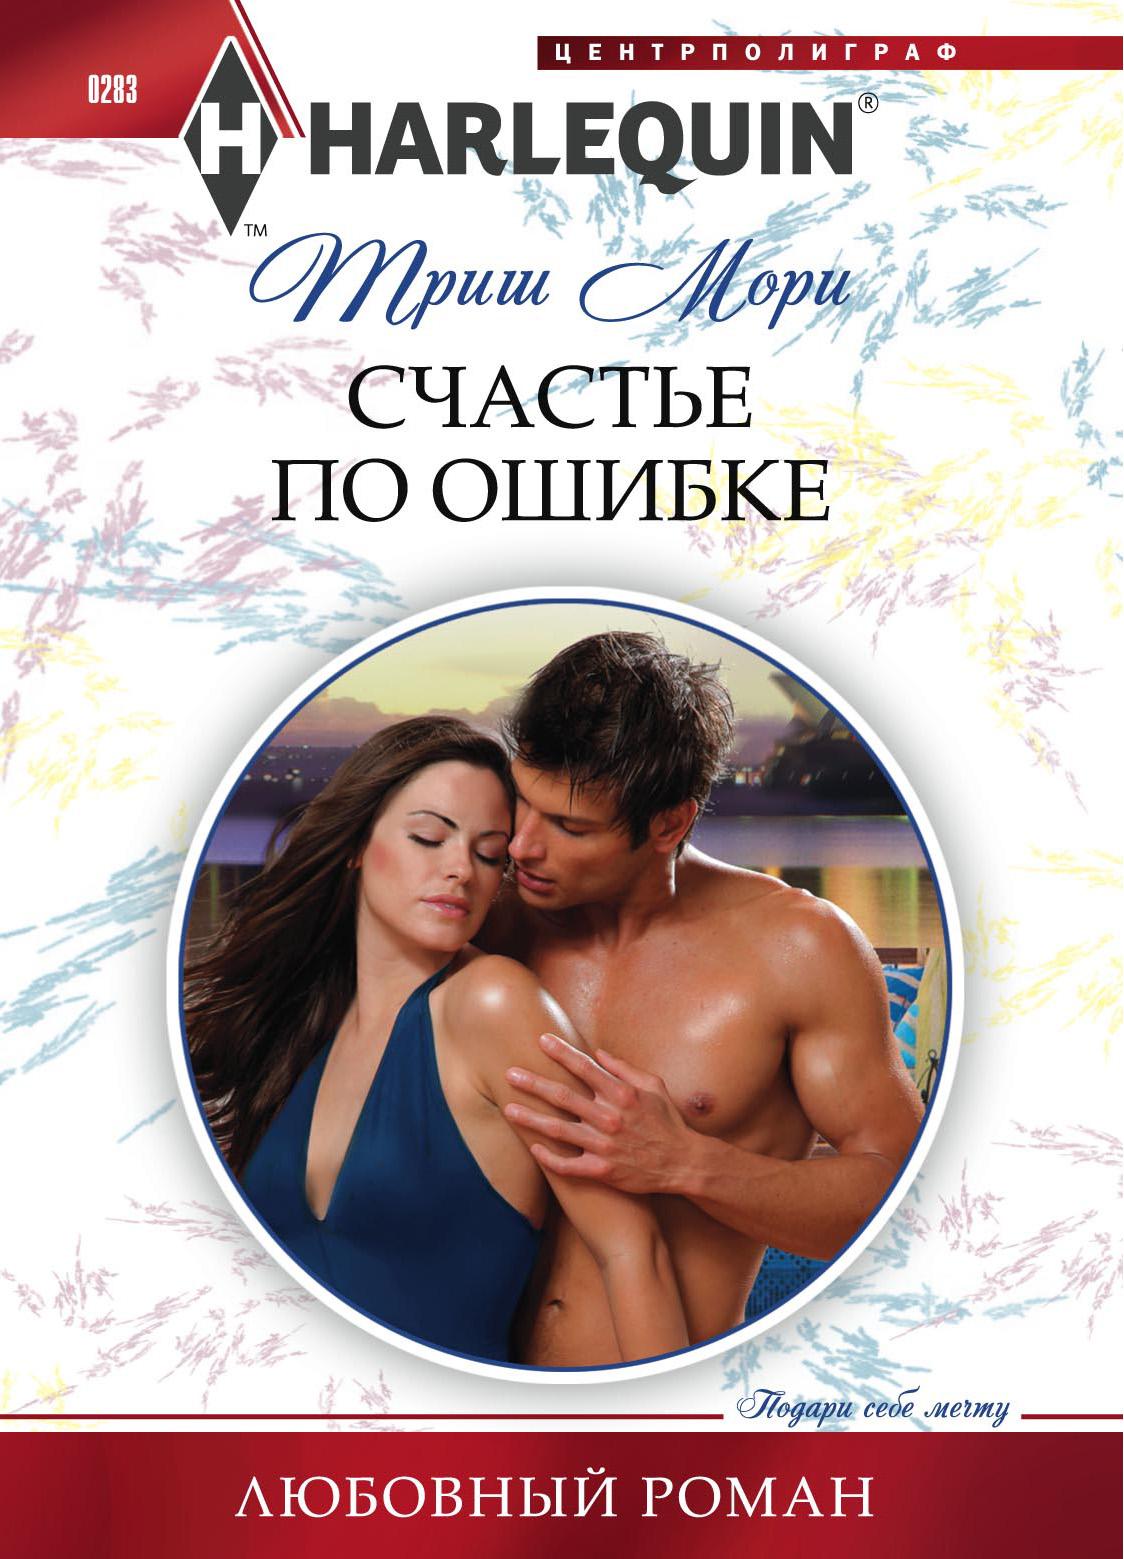 Читать книги бесплатно и без регистрации эротические 7 фотография